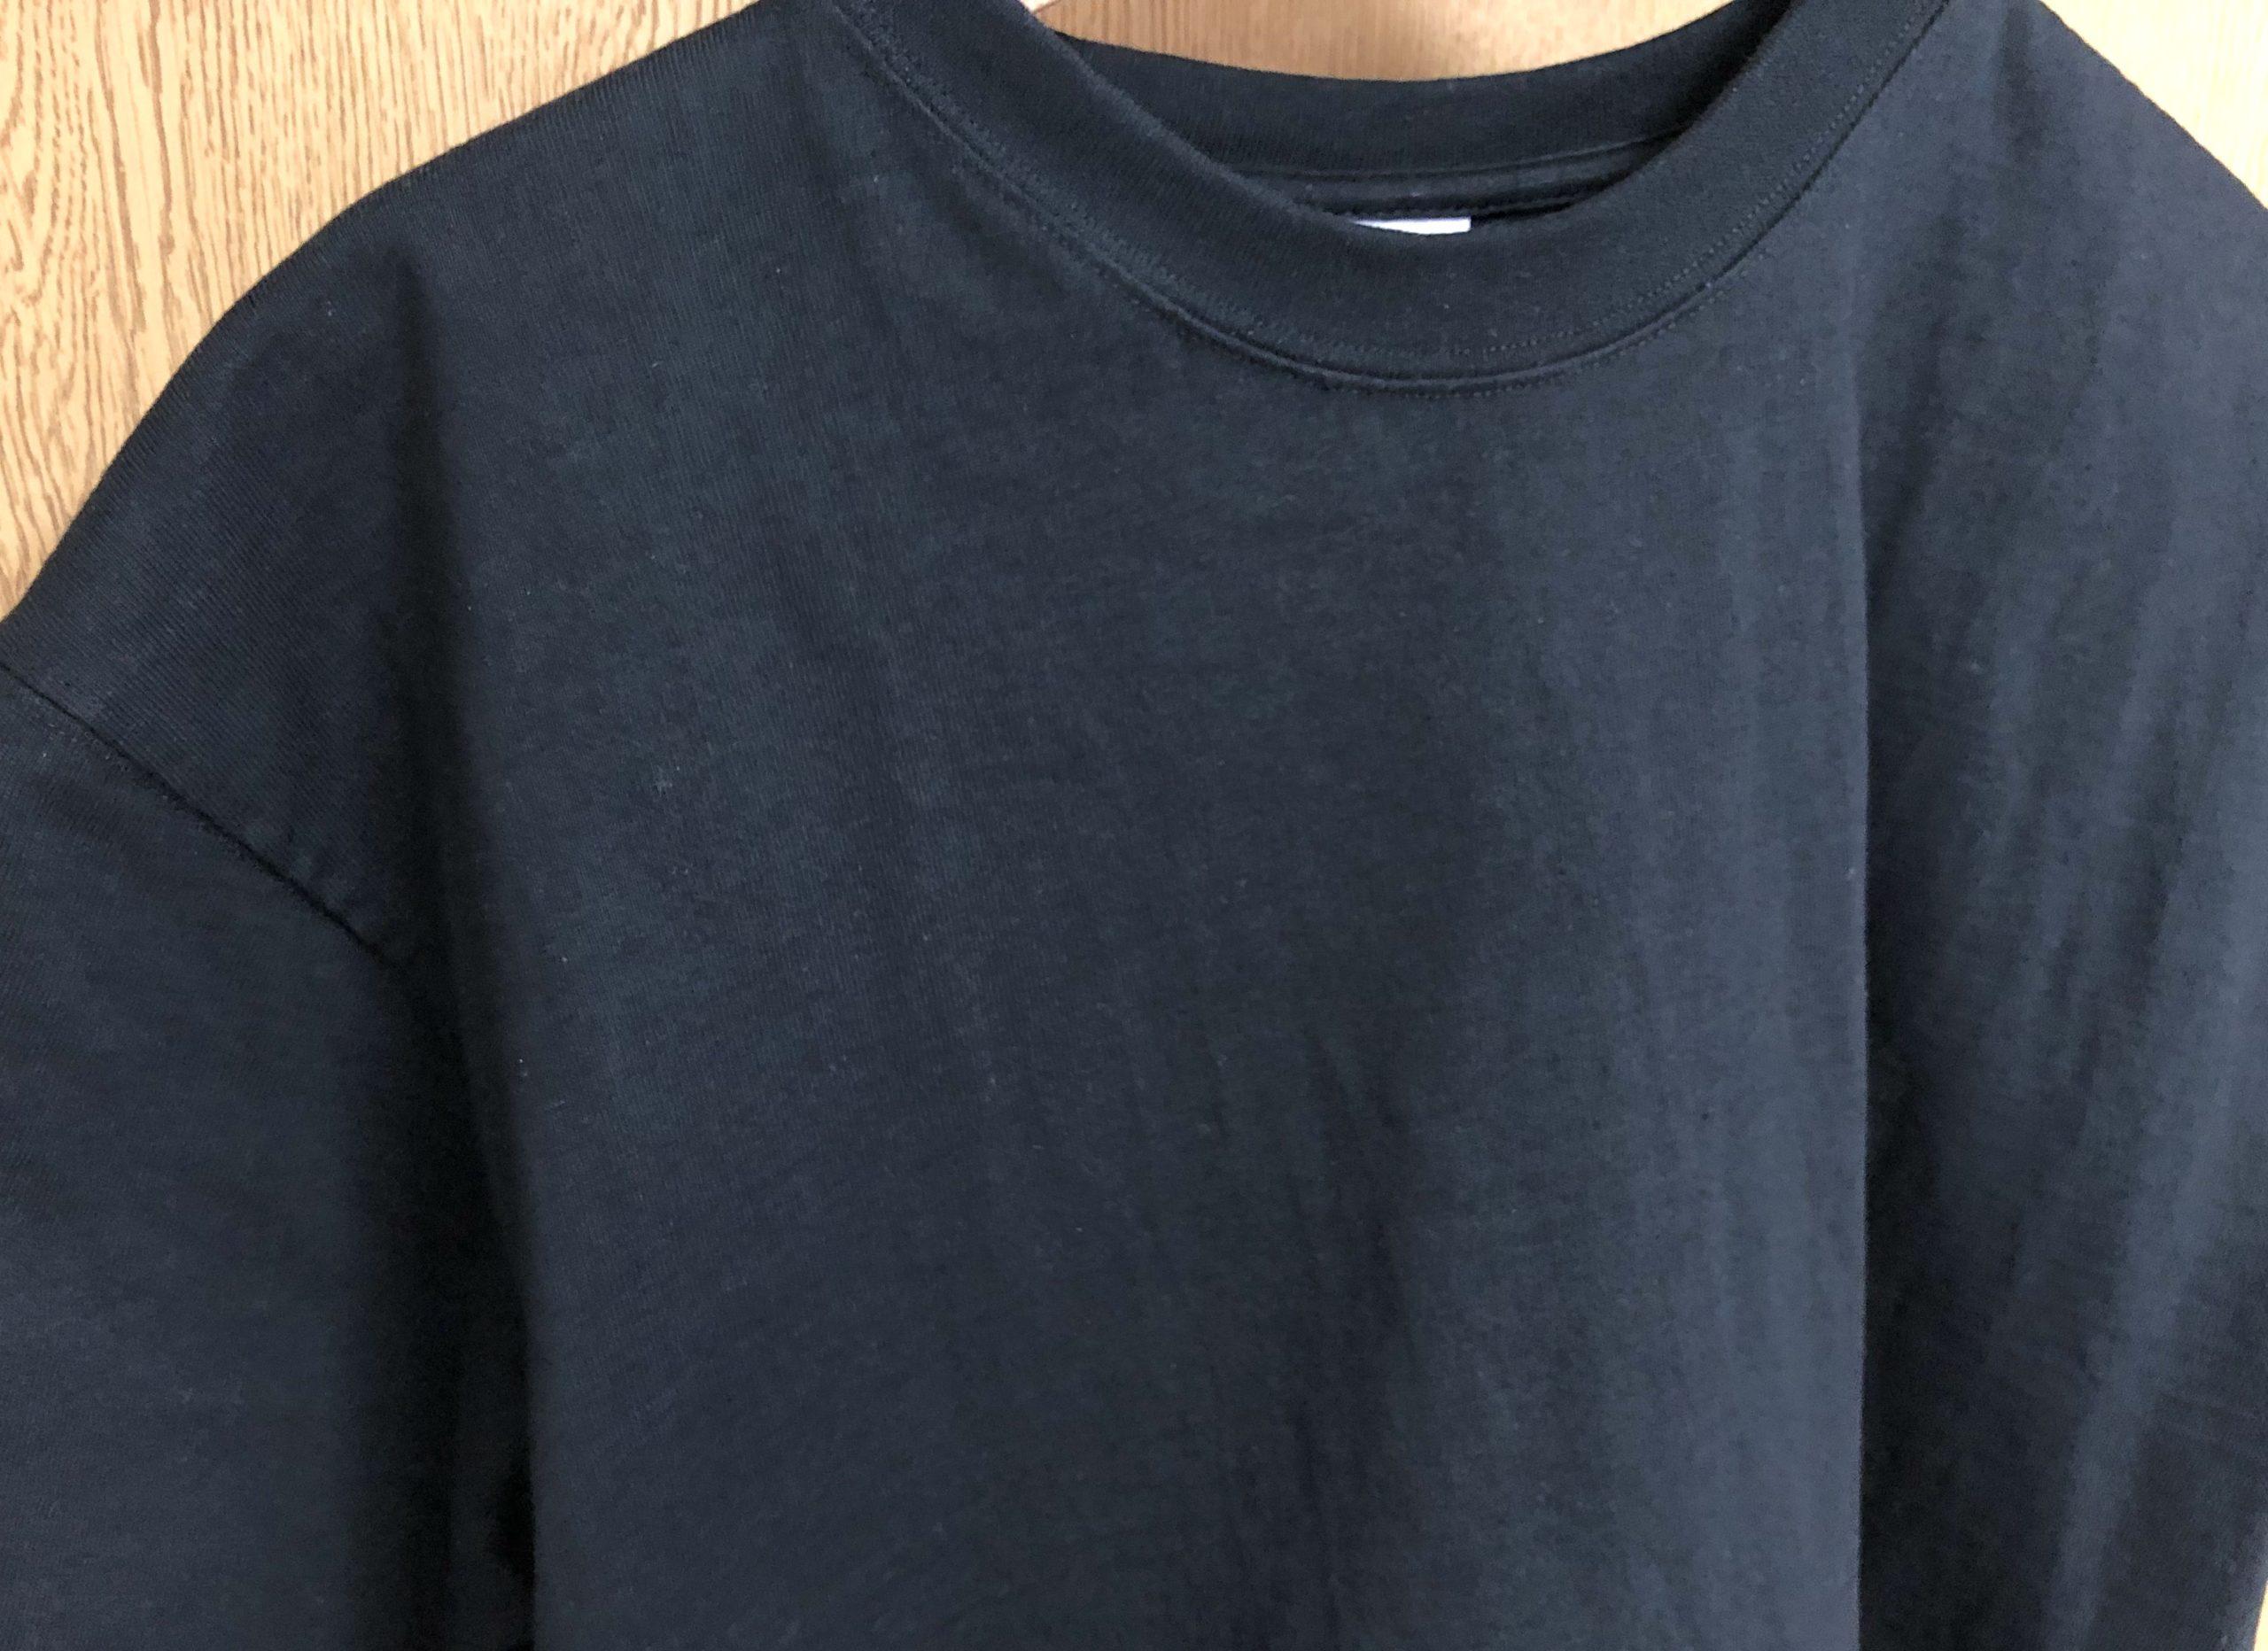 洗濯後のキャンバーのマックスウェイトTシャツ